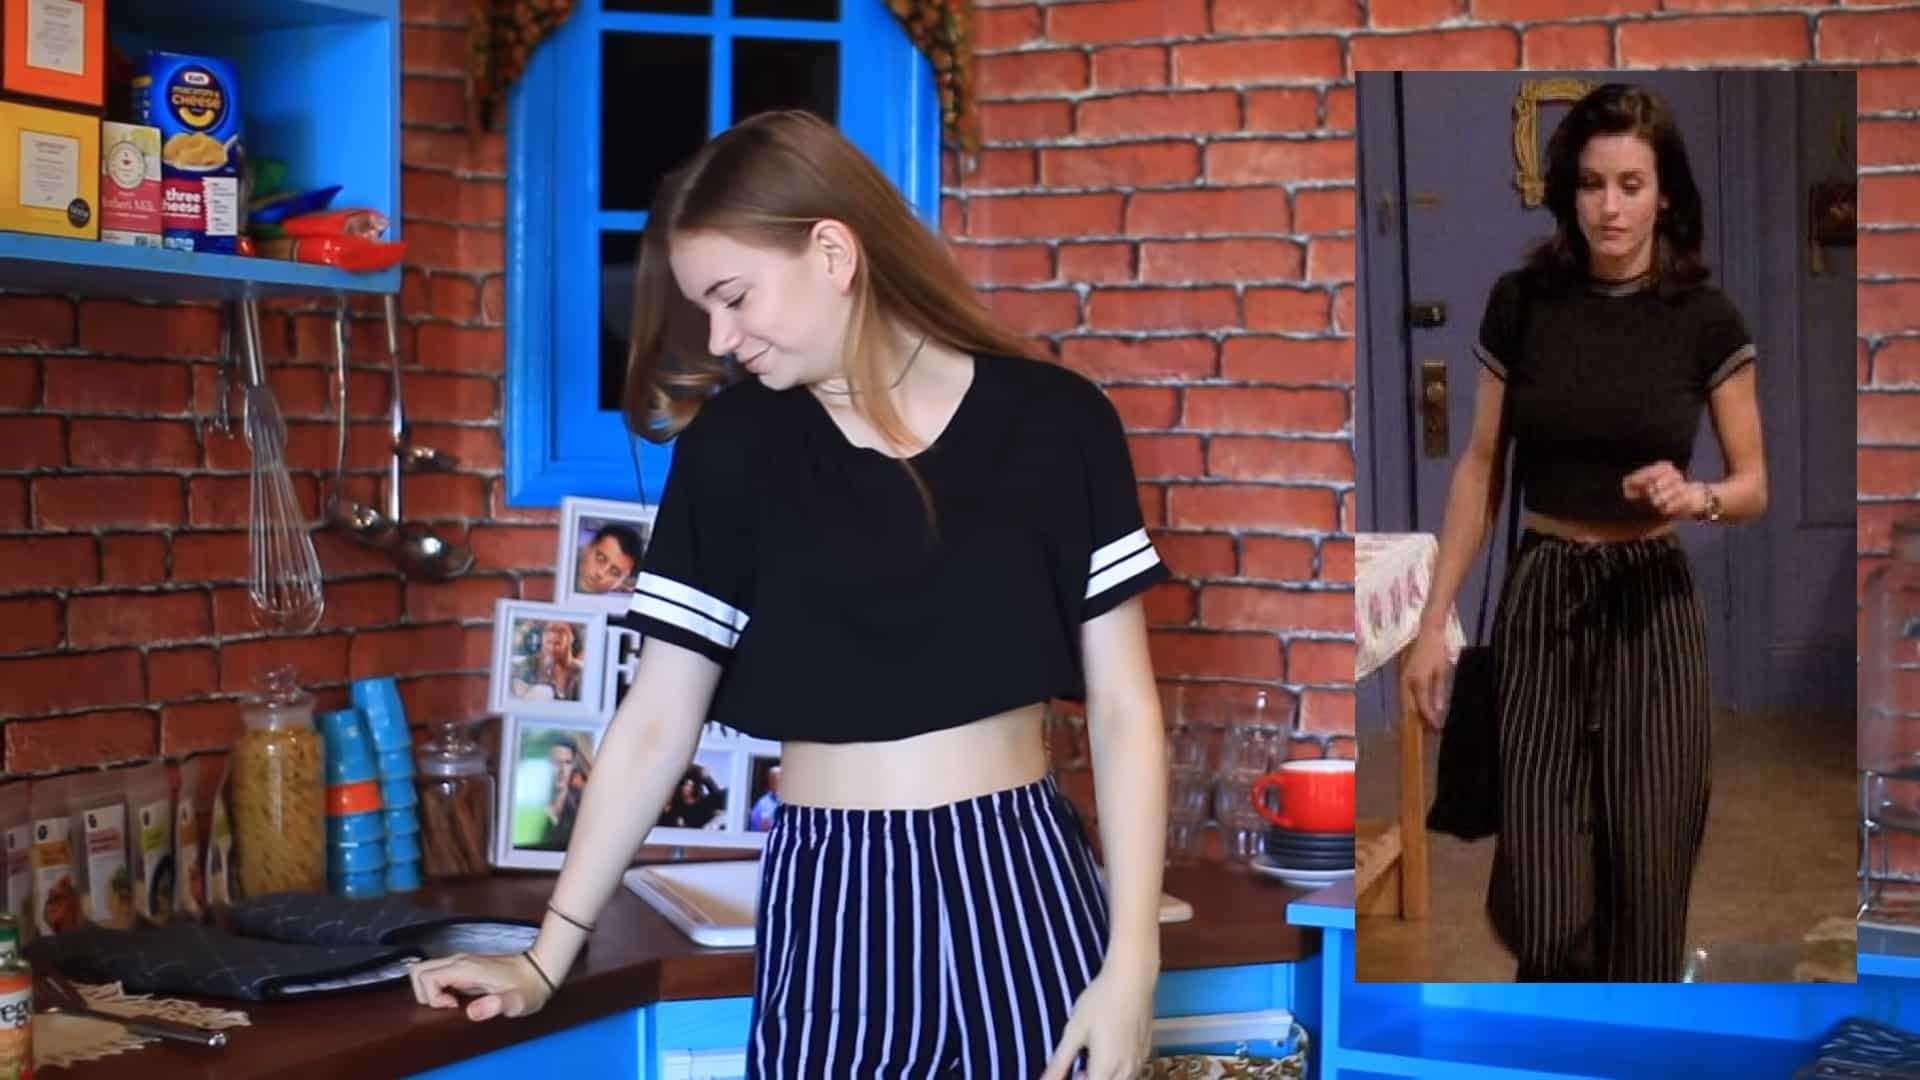 Monika - striped pants